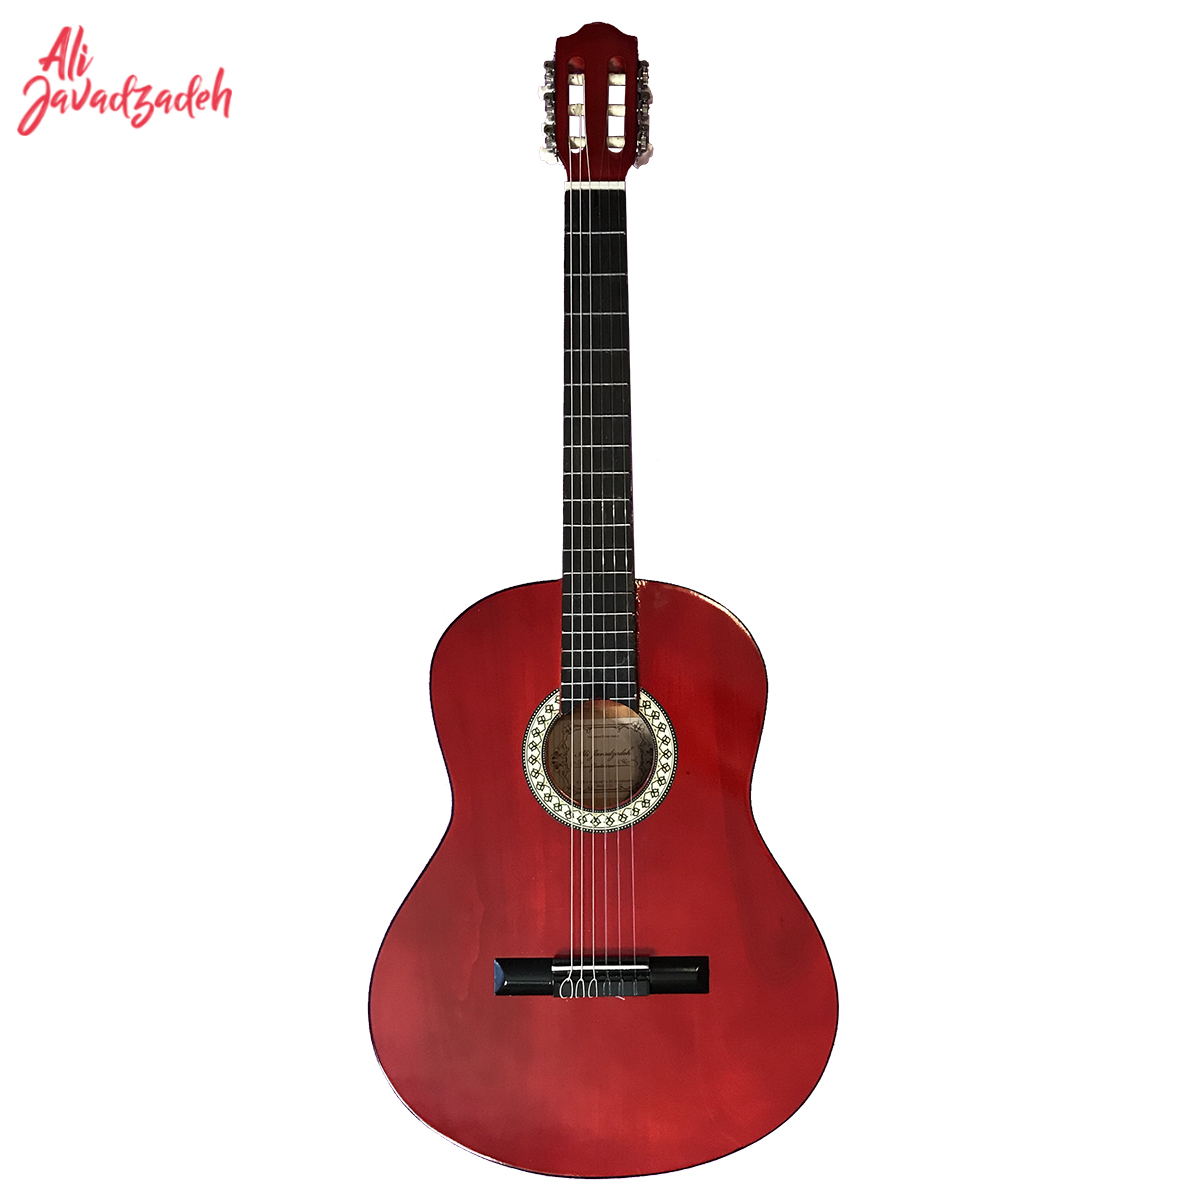 گیتار کلاسیک علی جوادزاده مدل 1C-14